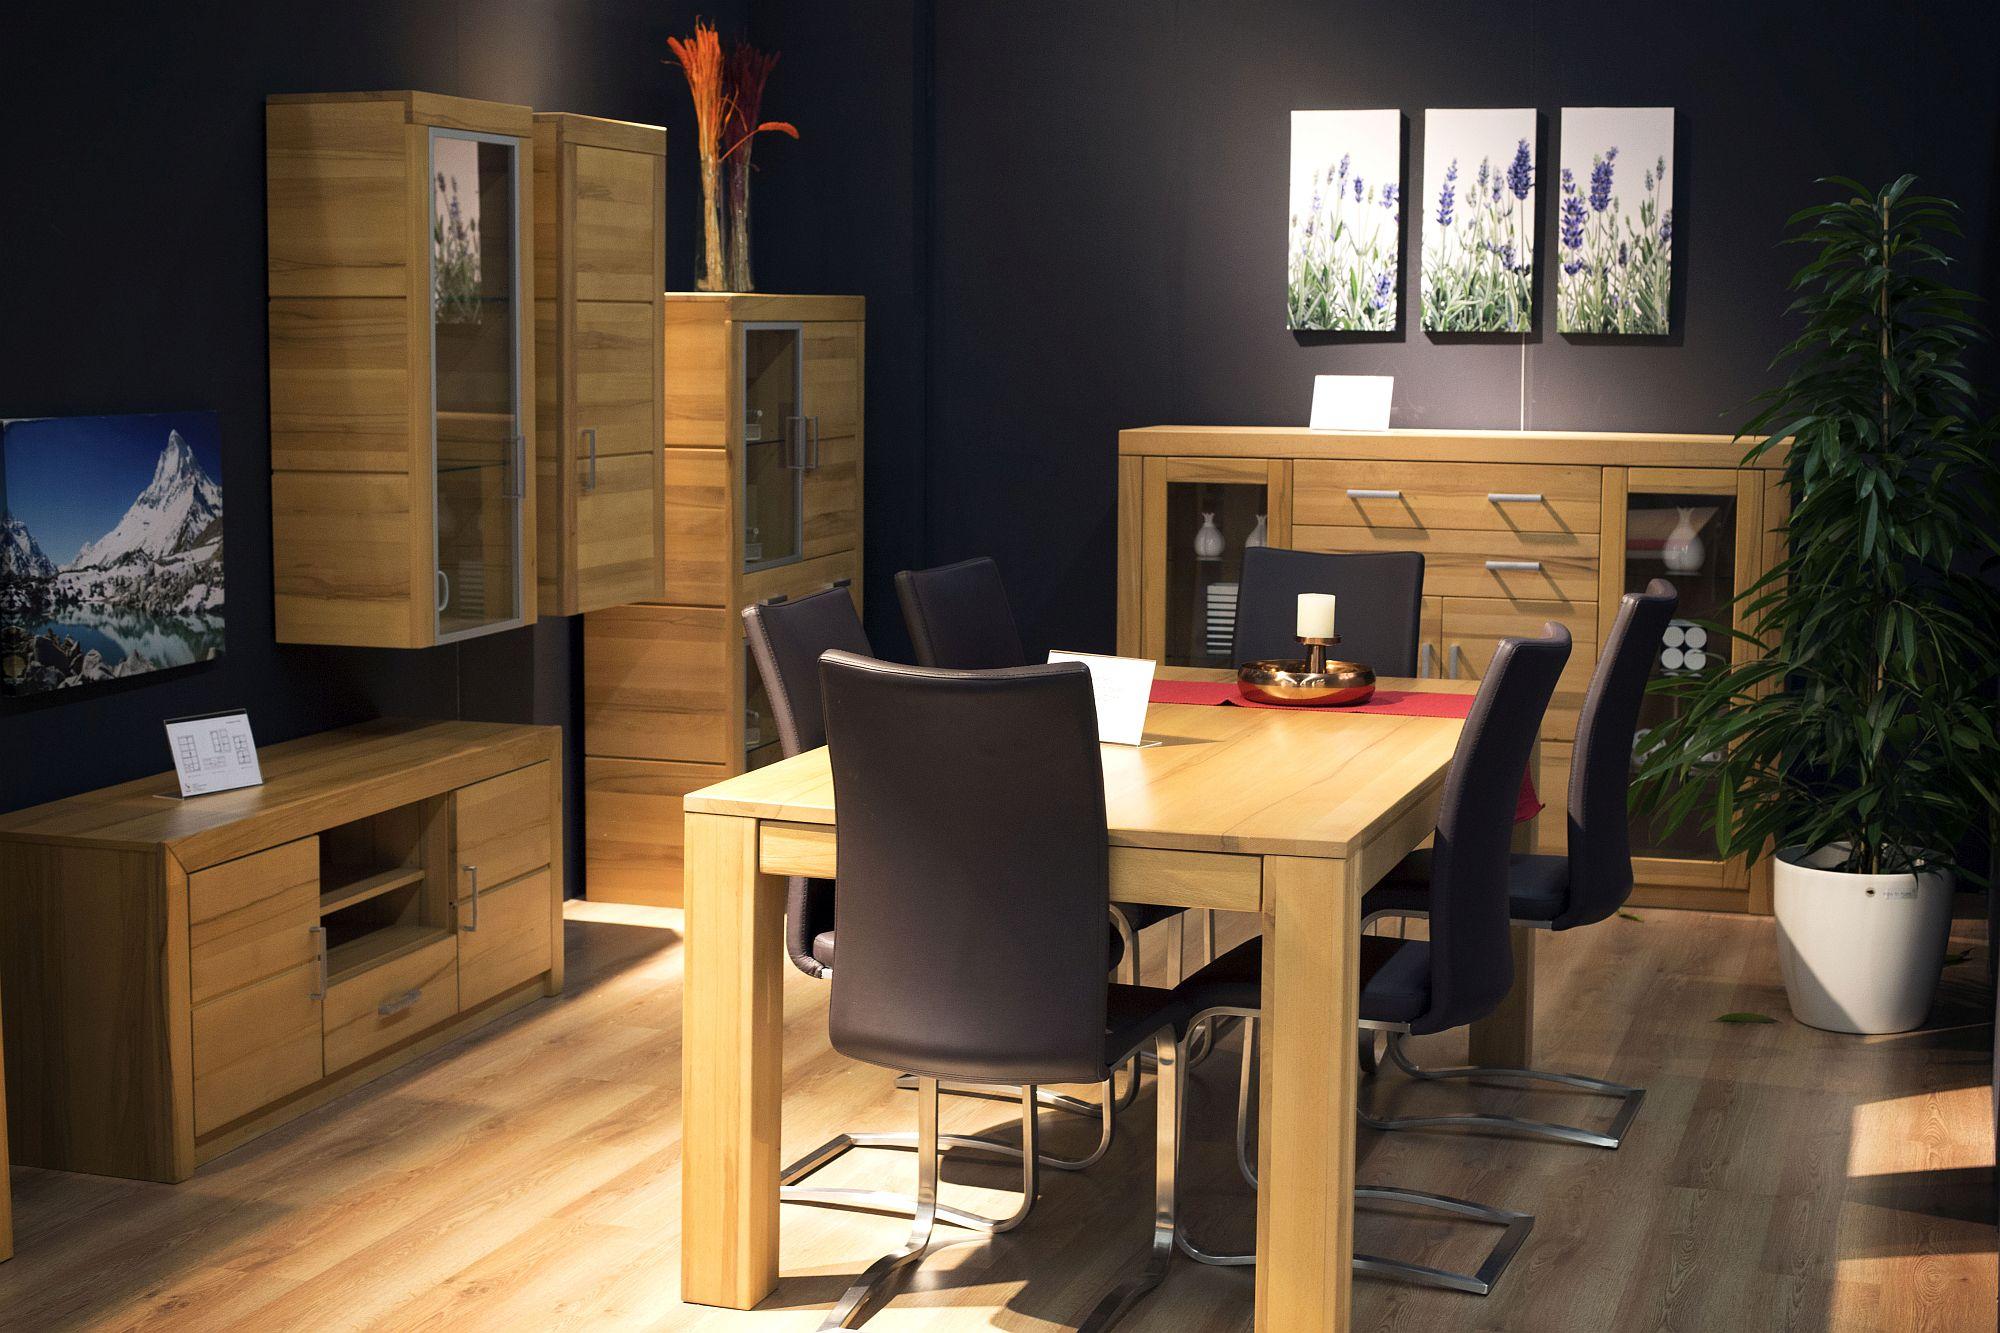 View In Gallery Perabot Kayu Dengan Fungsi Jimat Ruang